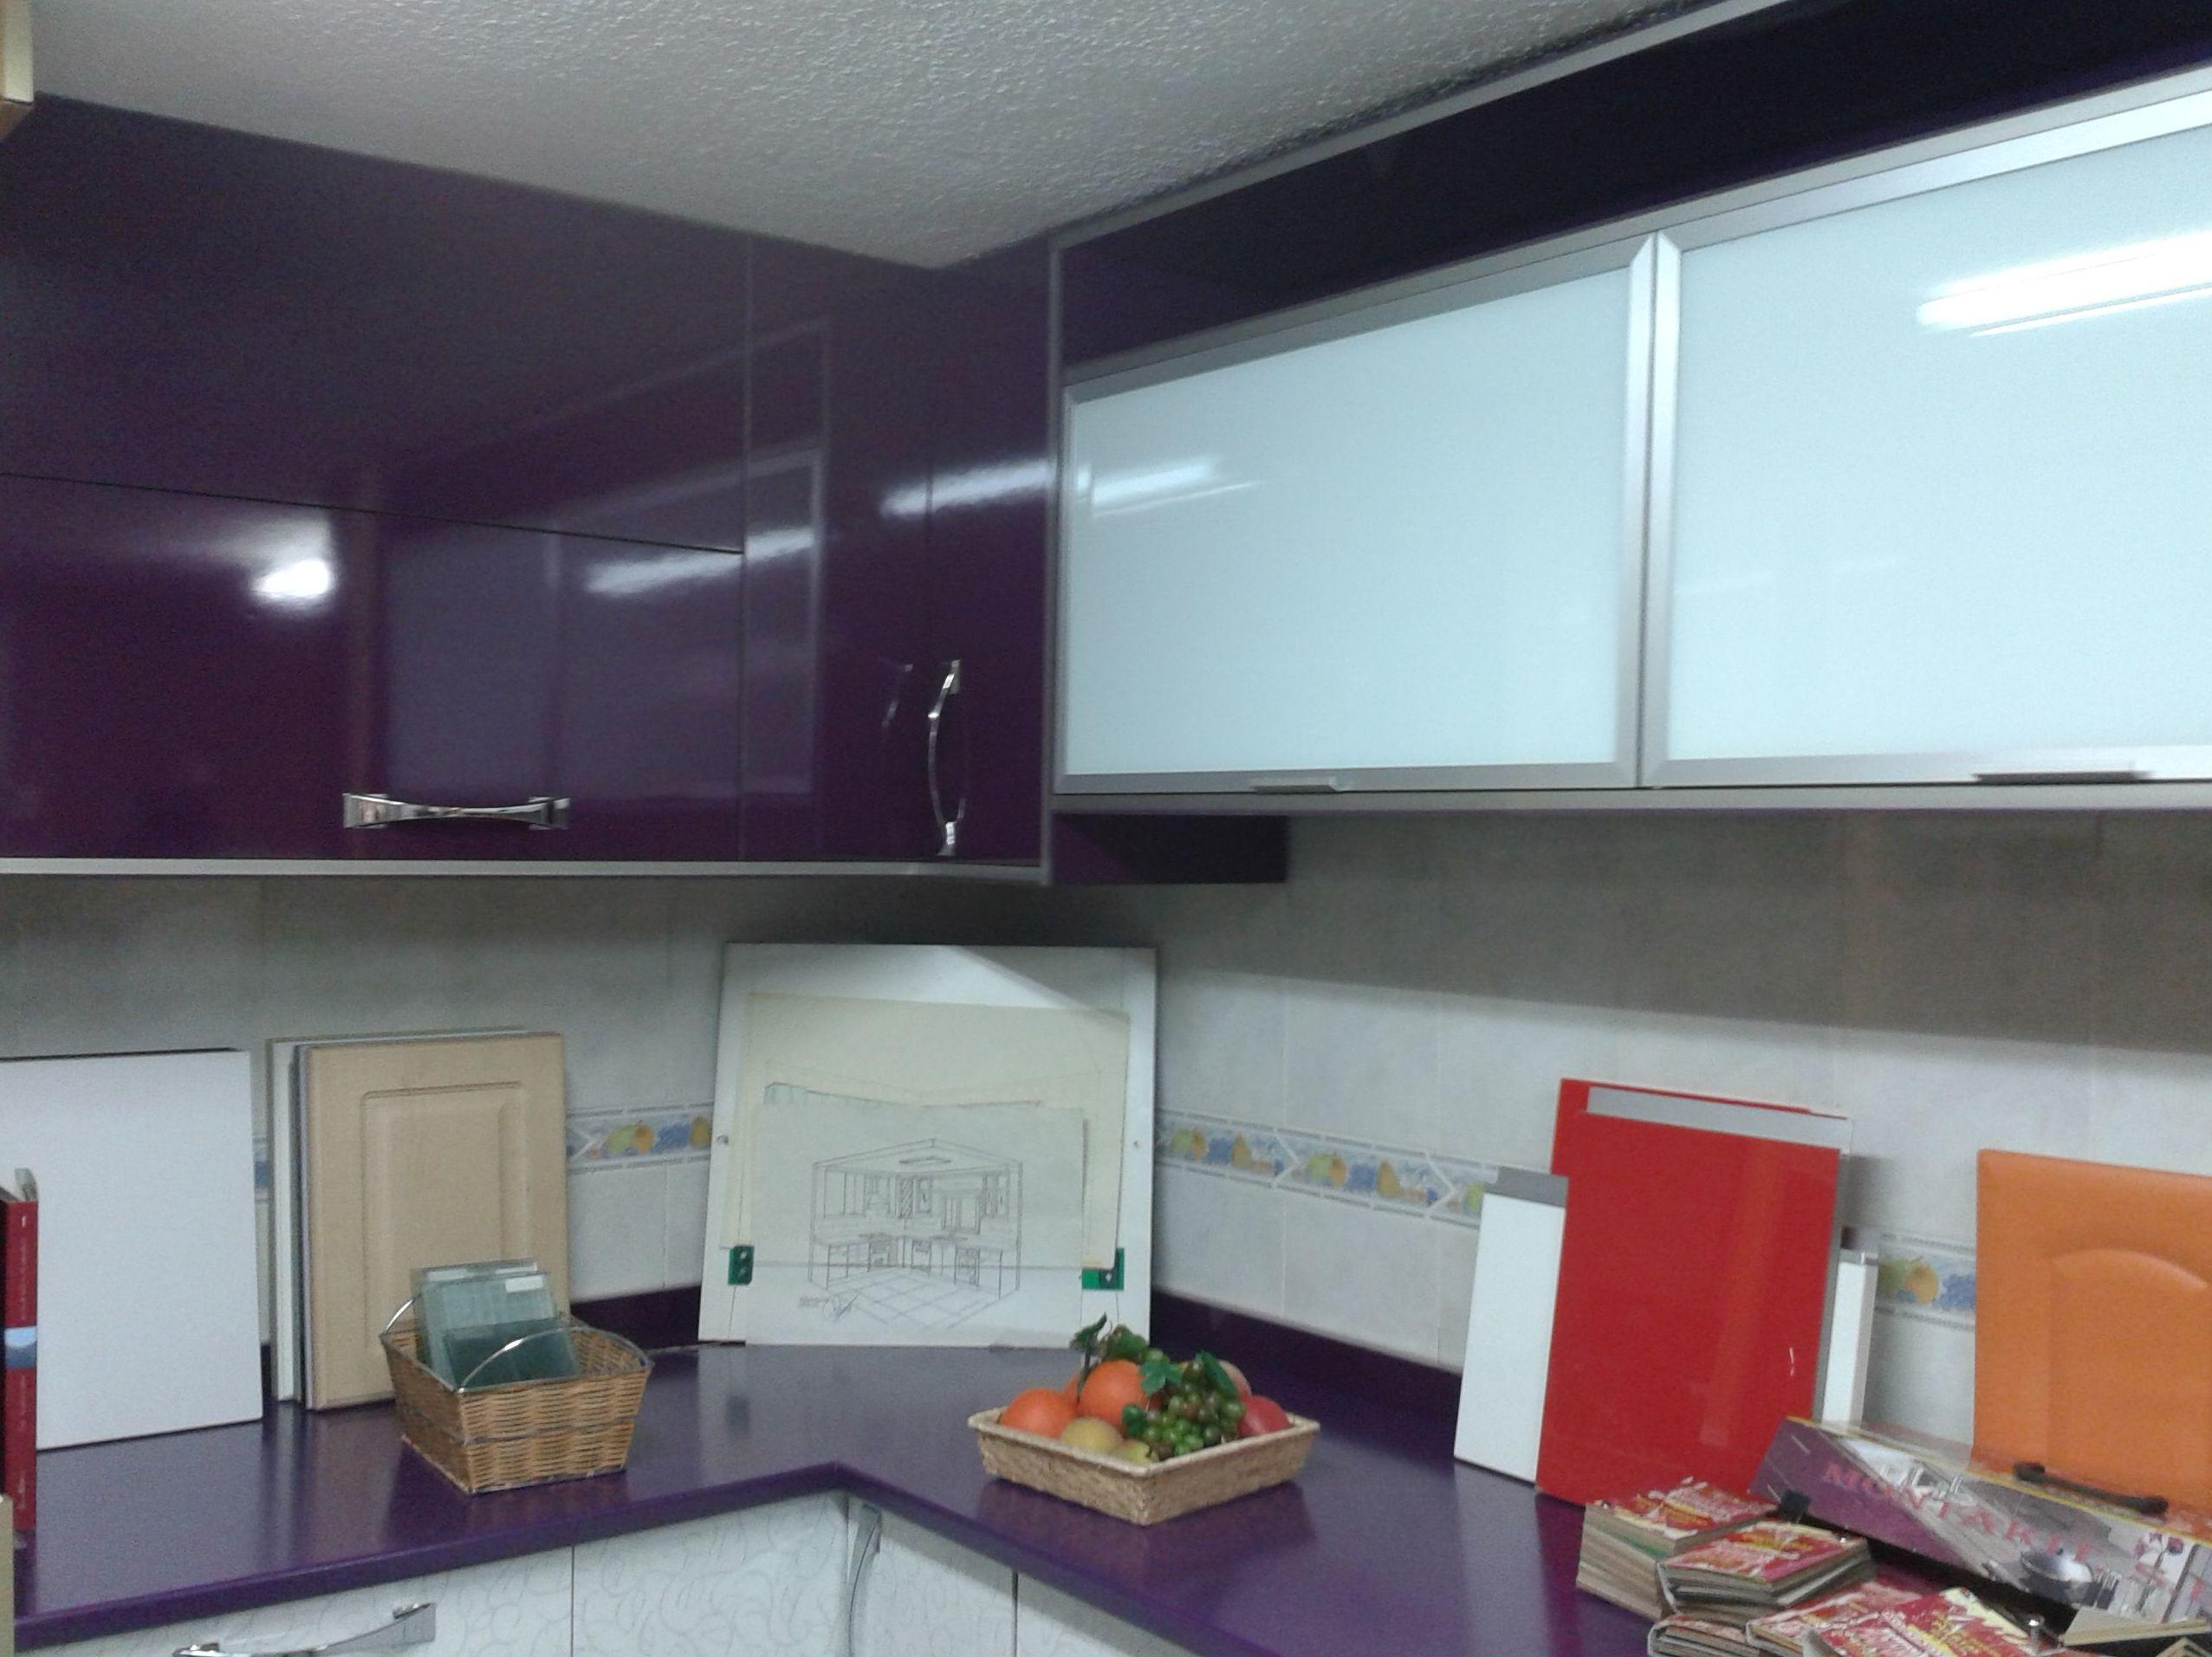 Foto 27 de Mobiliario de cocina y baño en Leganés | Novolar